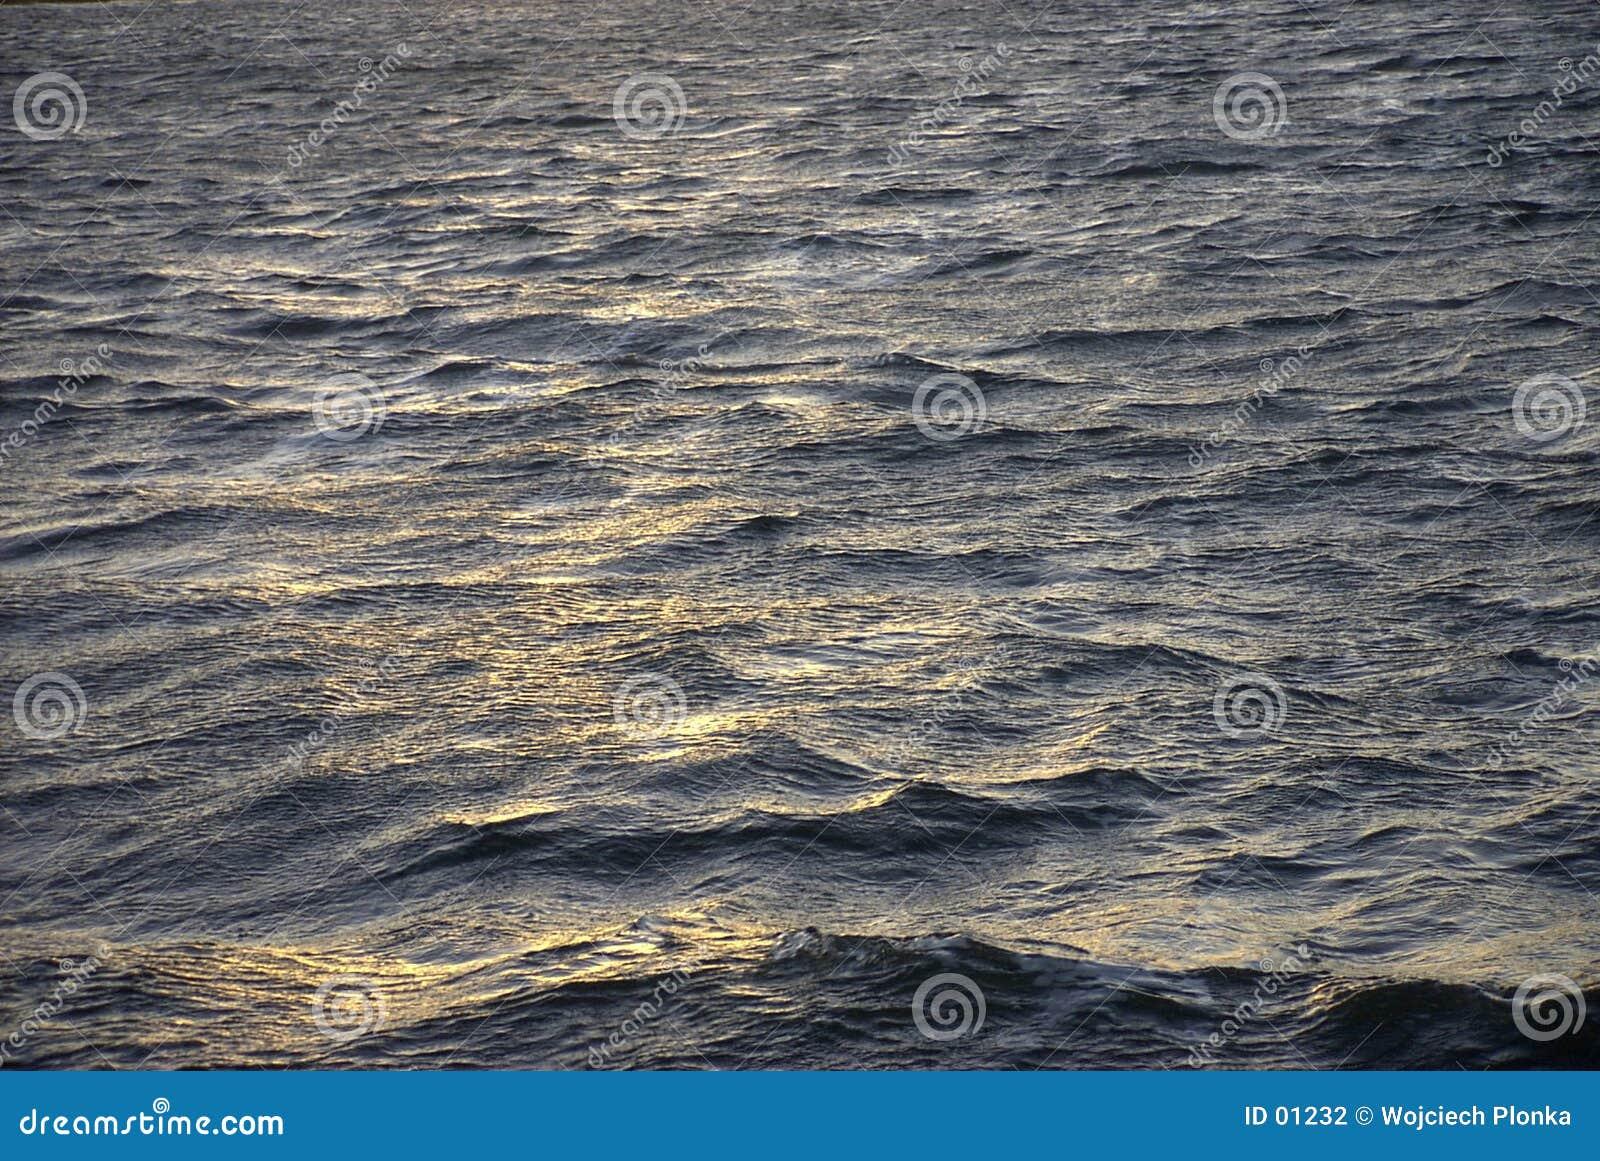 Ondas de agua